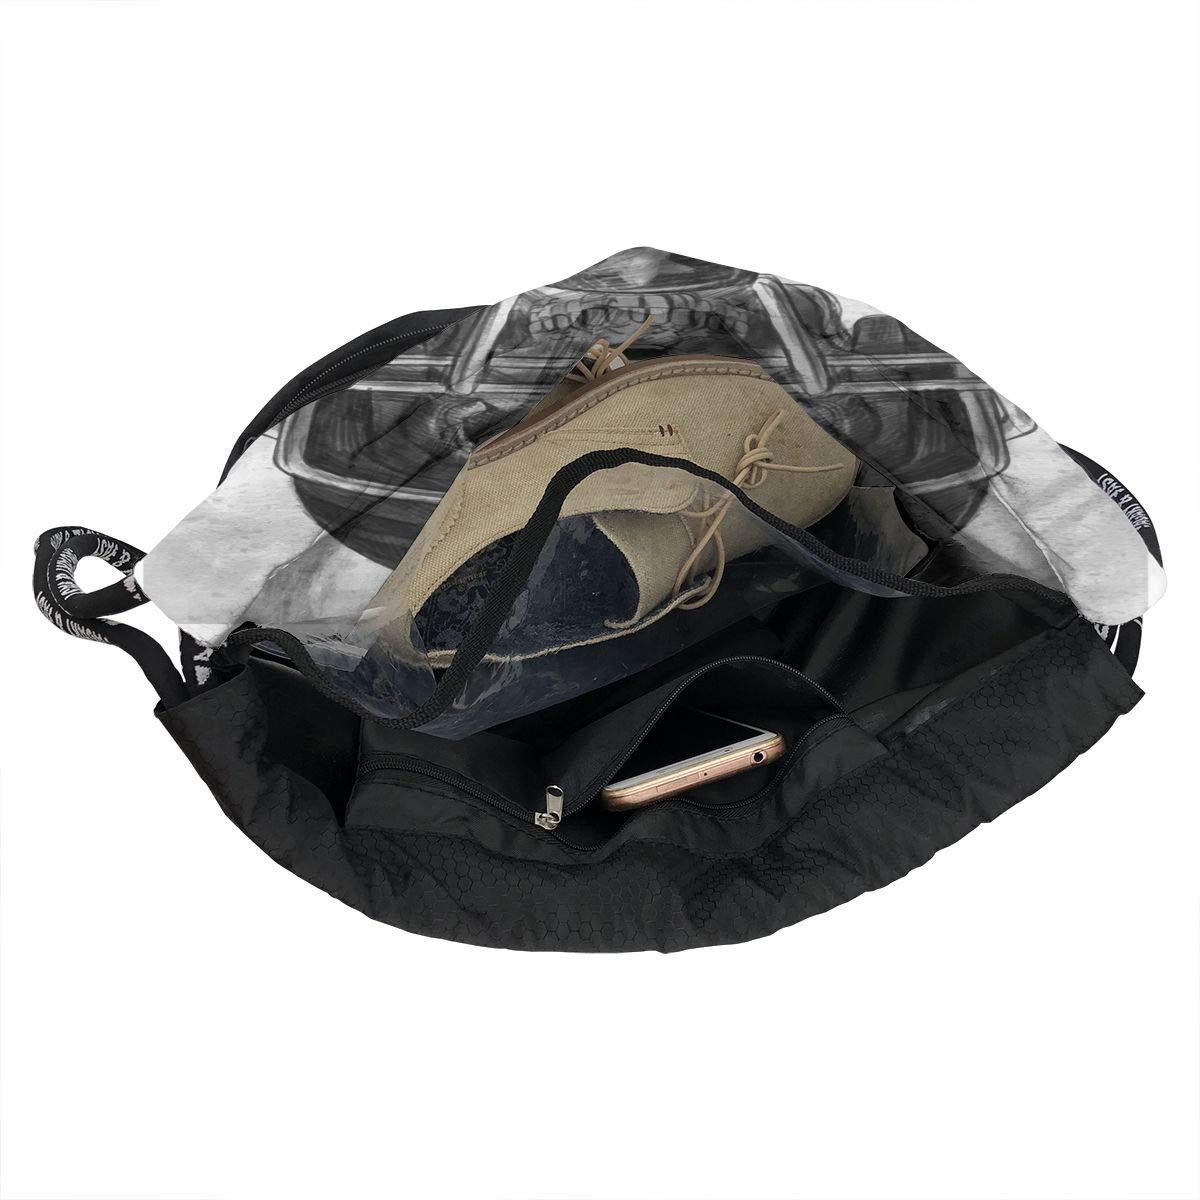 HUOPR5Q Halloween Drawstring Backpack Sport Gym Sack Shoulder Bulk Bag Dance Bag for School Travel